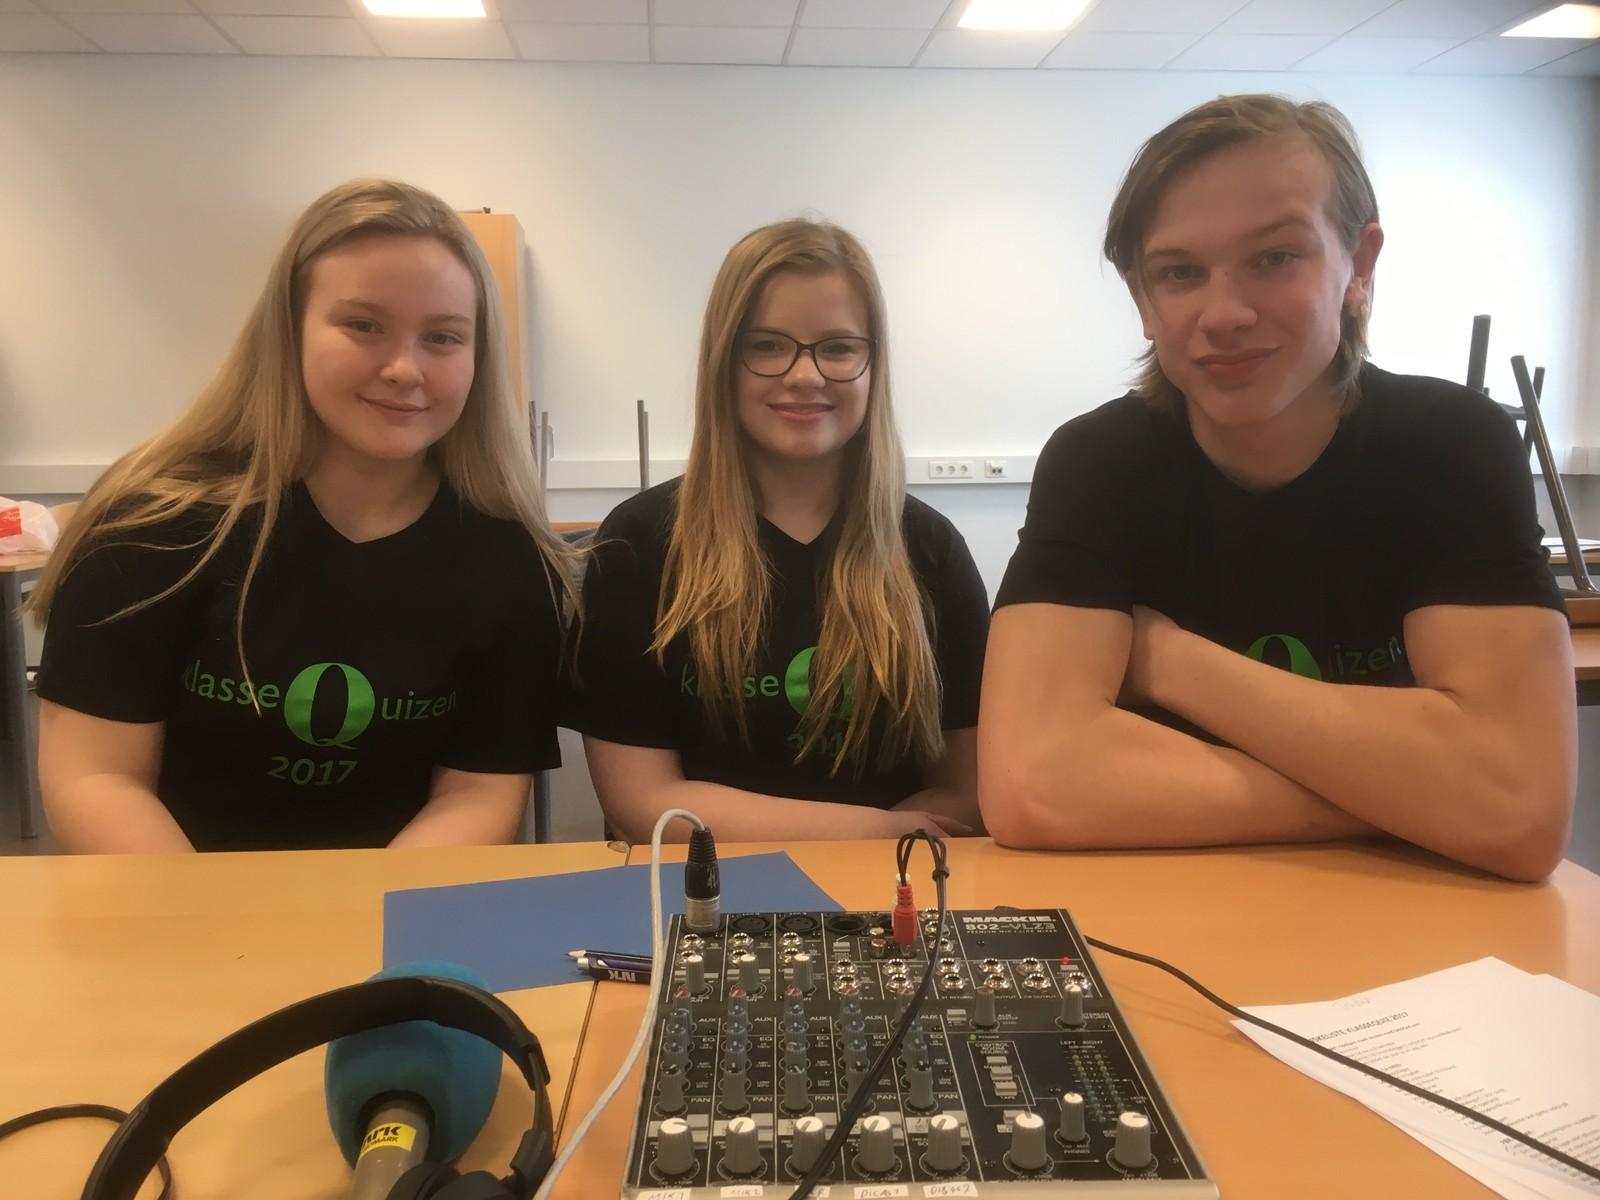 Thea Urne, Maria Helmine Kvernemo og Eirik Marcelius Haug fra Tråstad ungdomsskole fikk ni poeng.